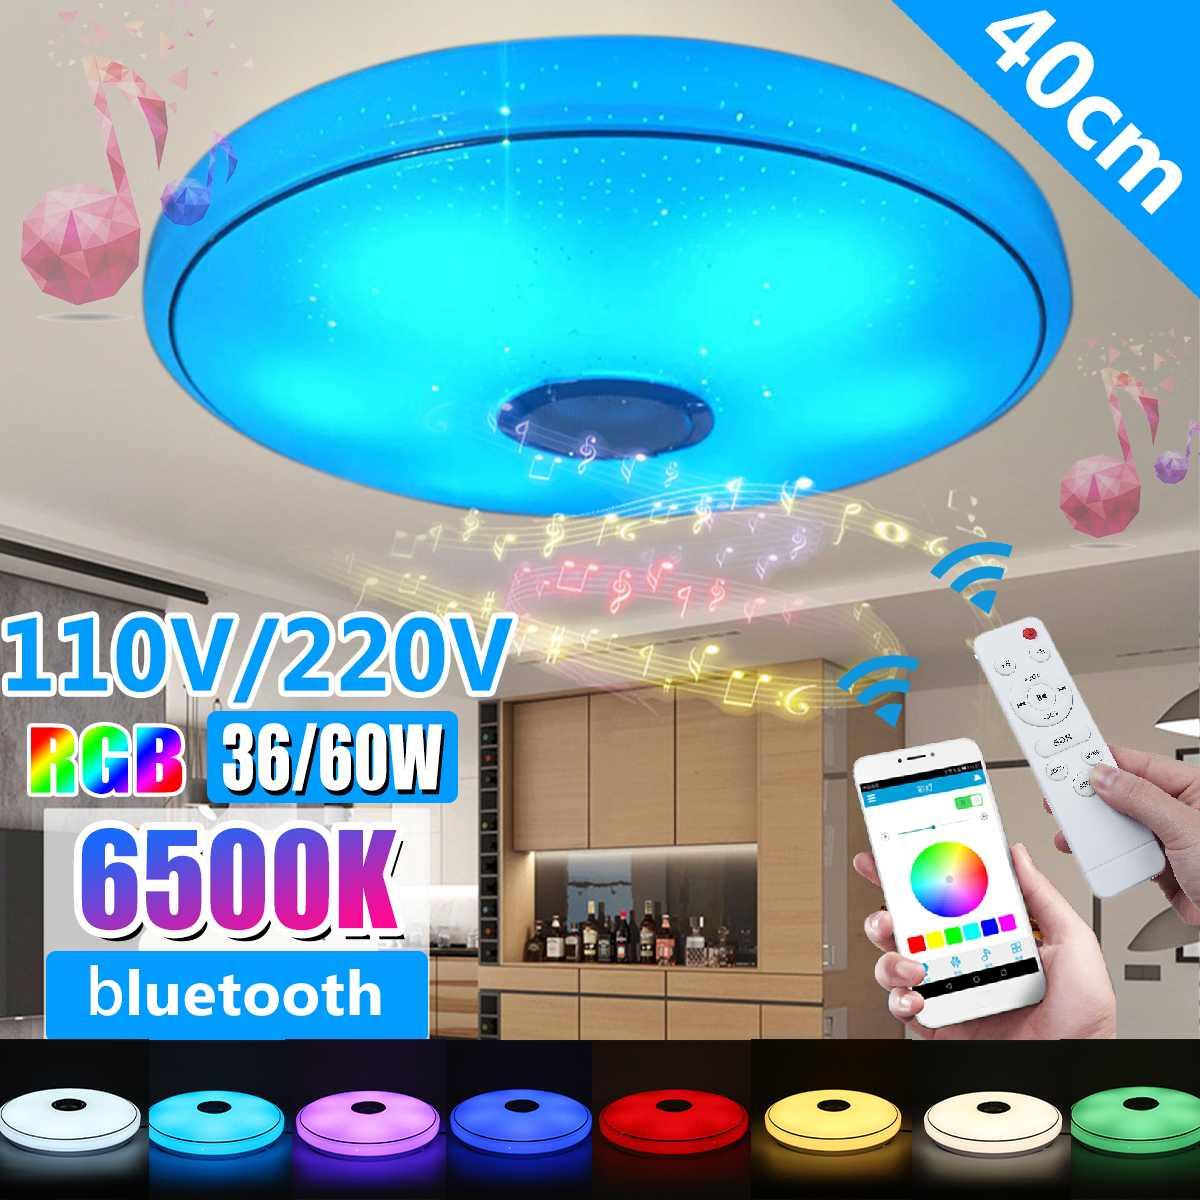 Luces LED RGB modernas para el techo iluminación del hogar 36W 60W aplicación bluetooth música lámpara de dormitorio lámpara de techo inteligente + Control remoto